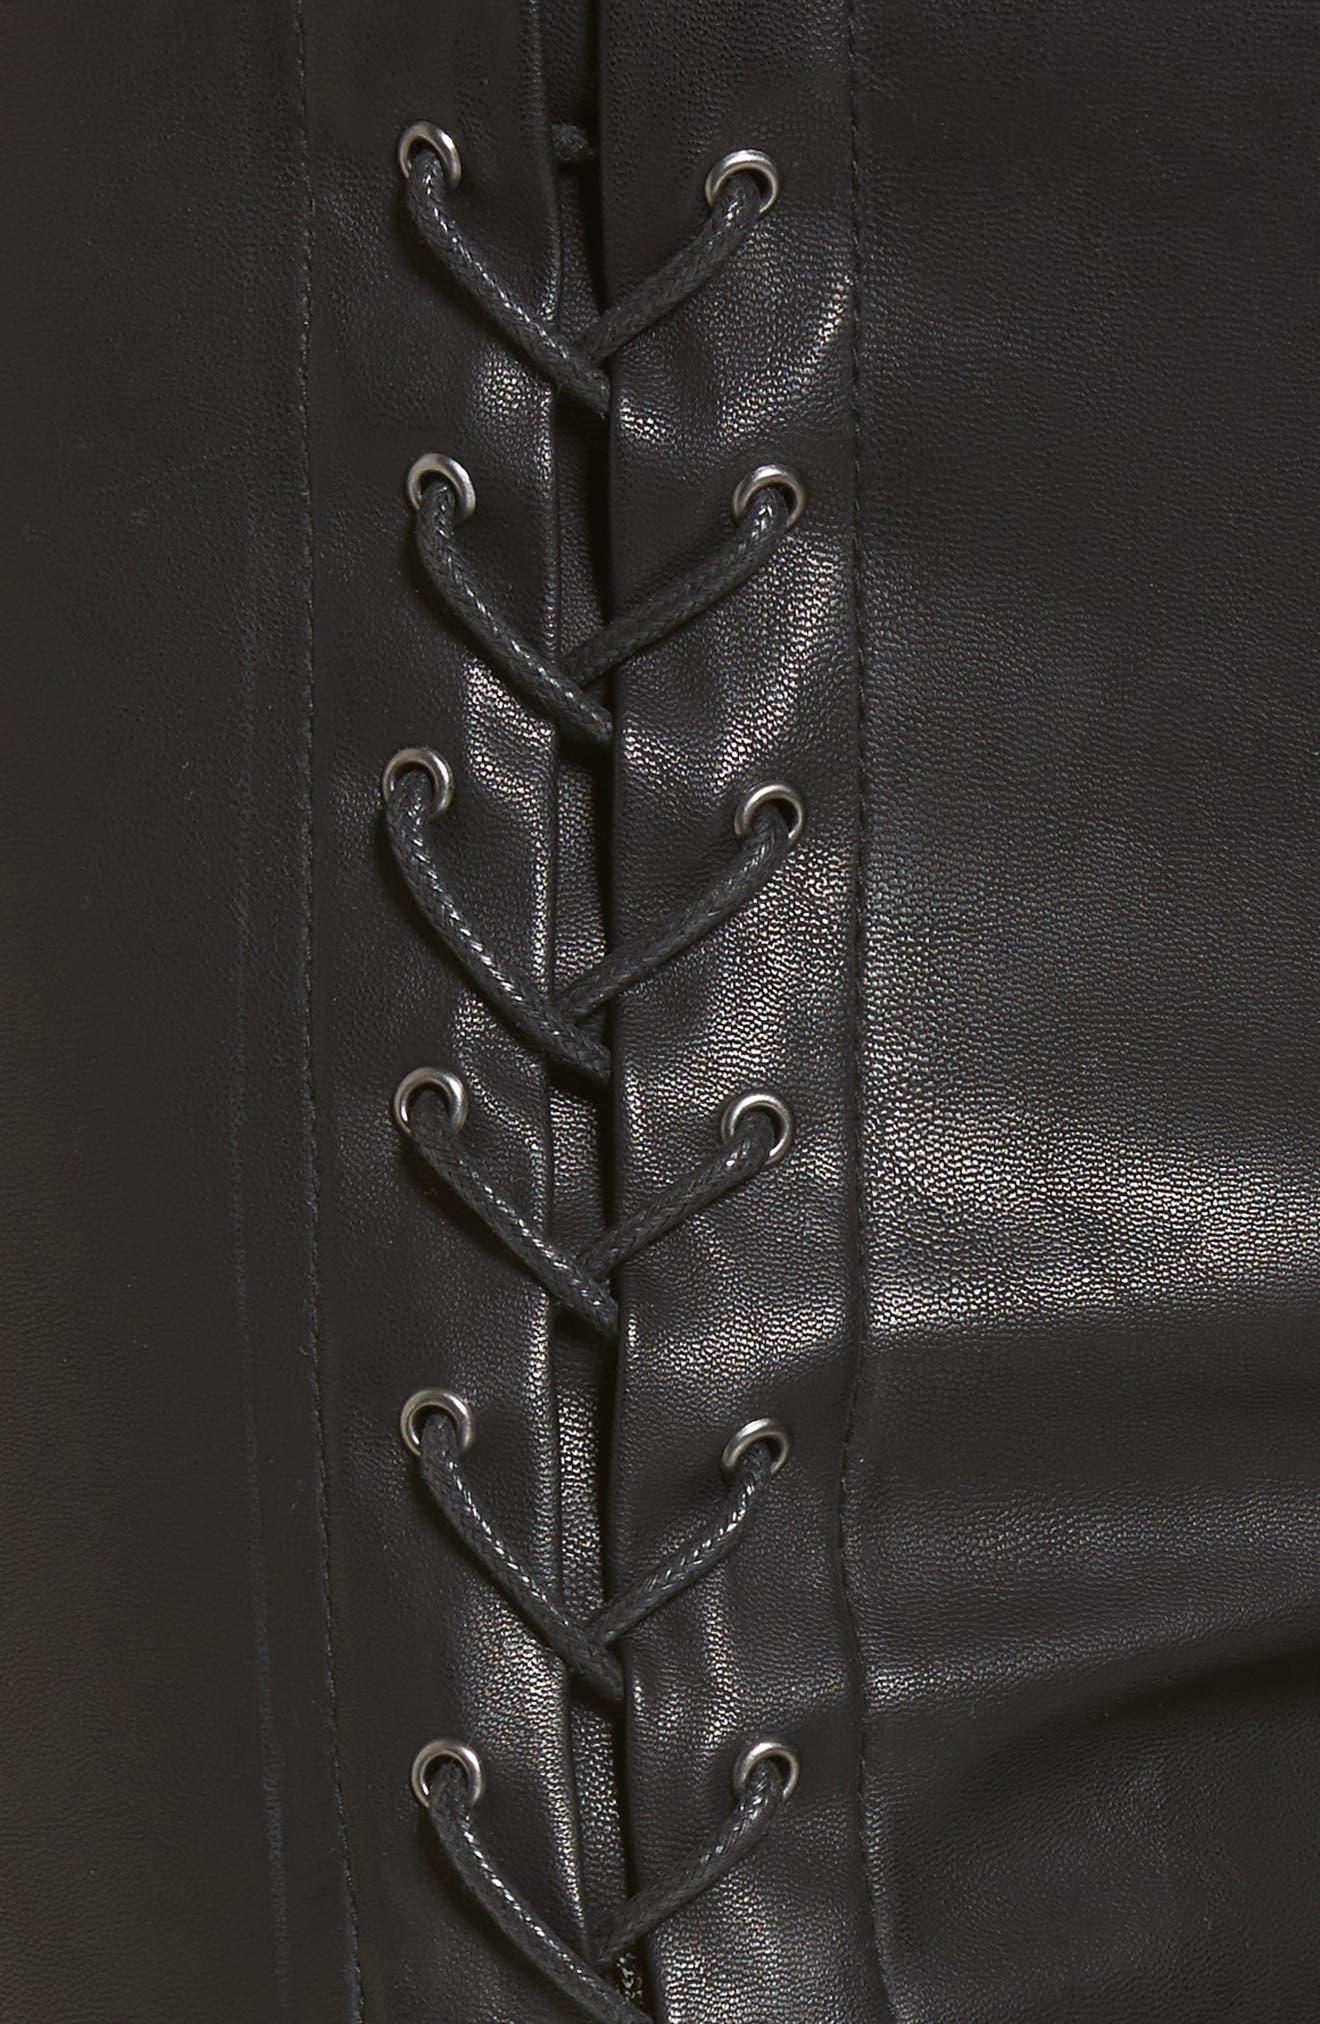 Lace-Up Faux Leather Pants,                             Alternate thumbnail 5, color,                             007